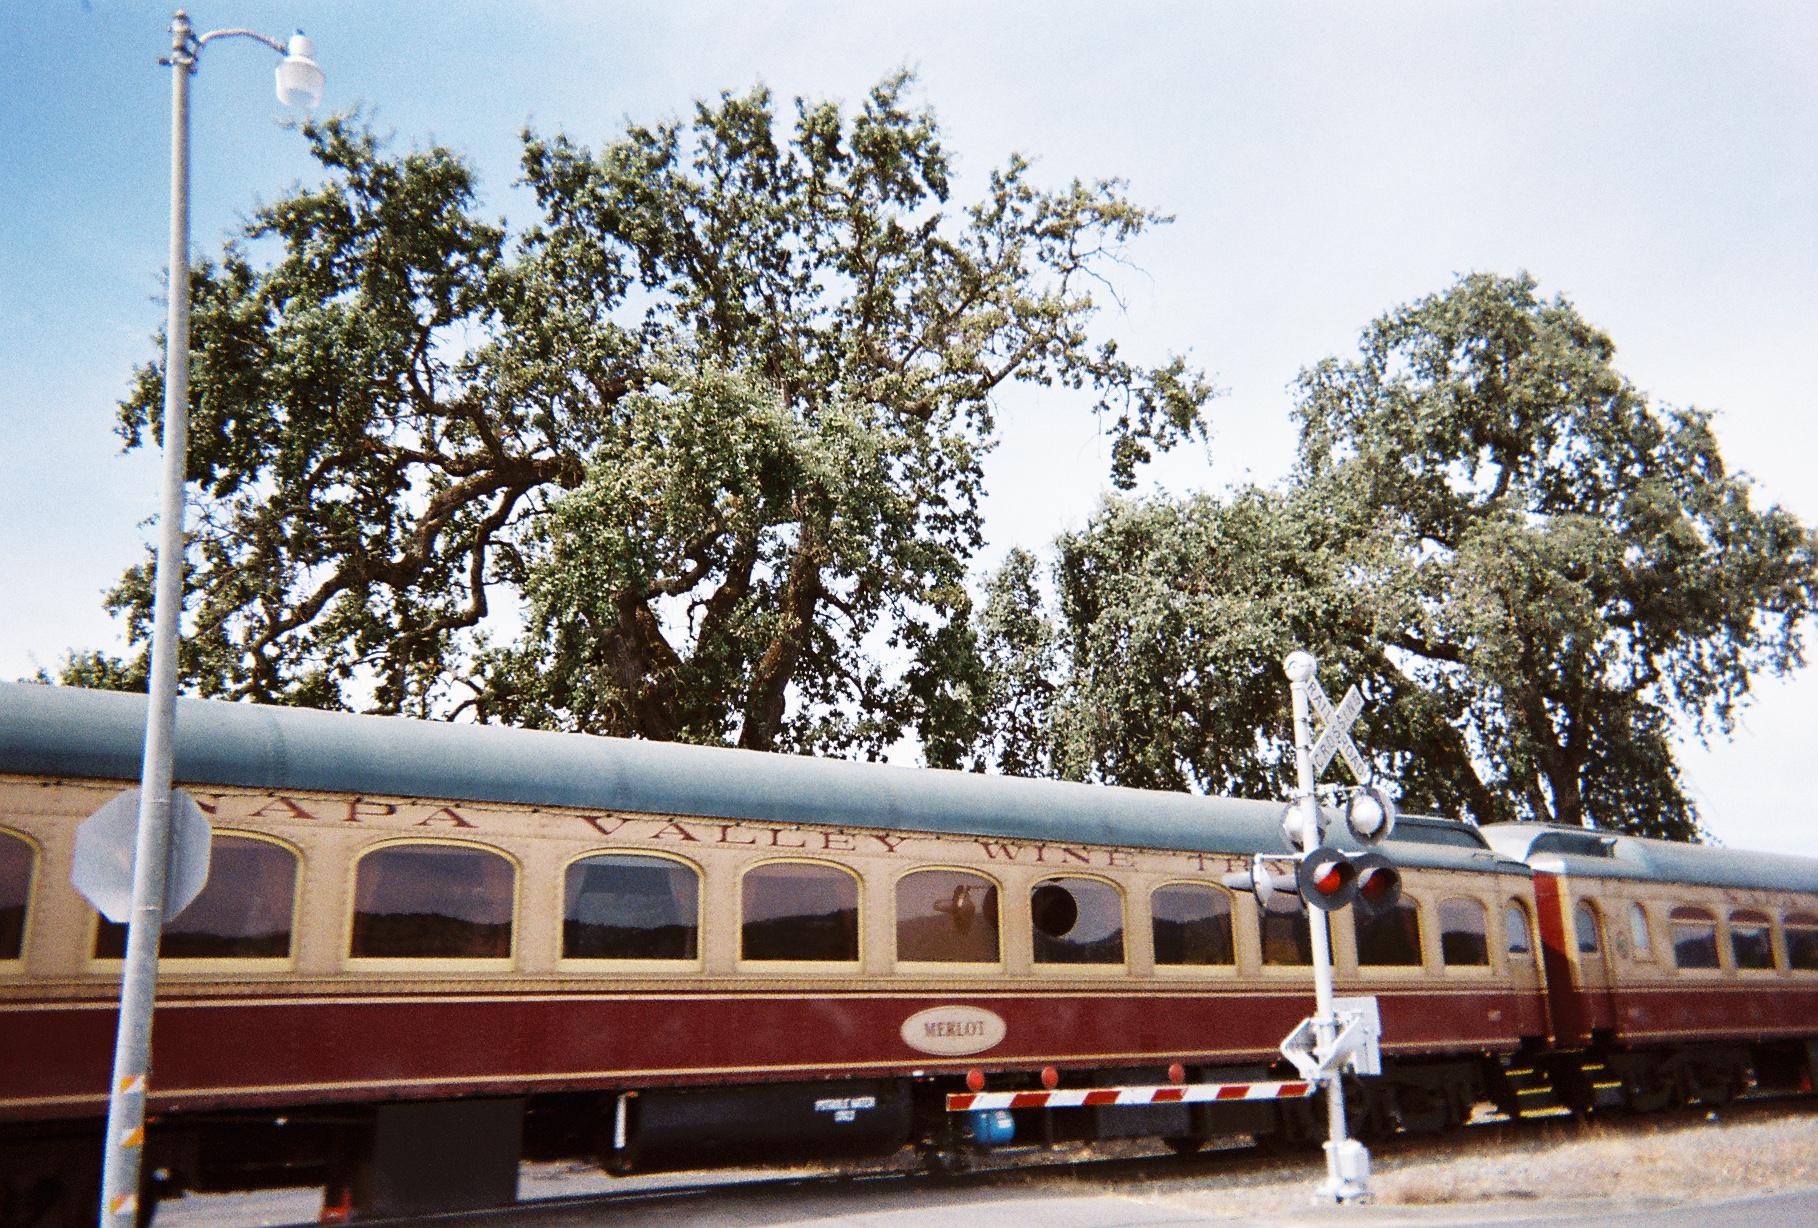 All aboard the vino train!